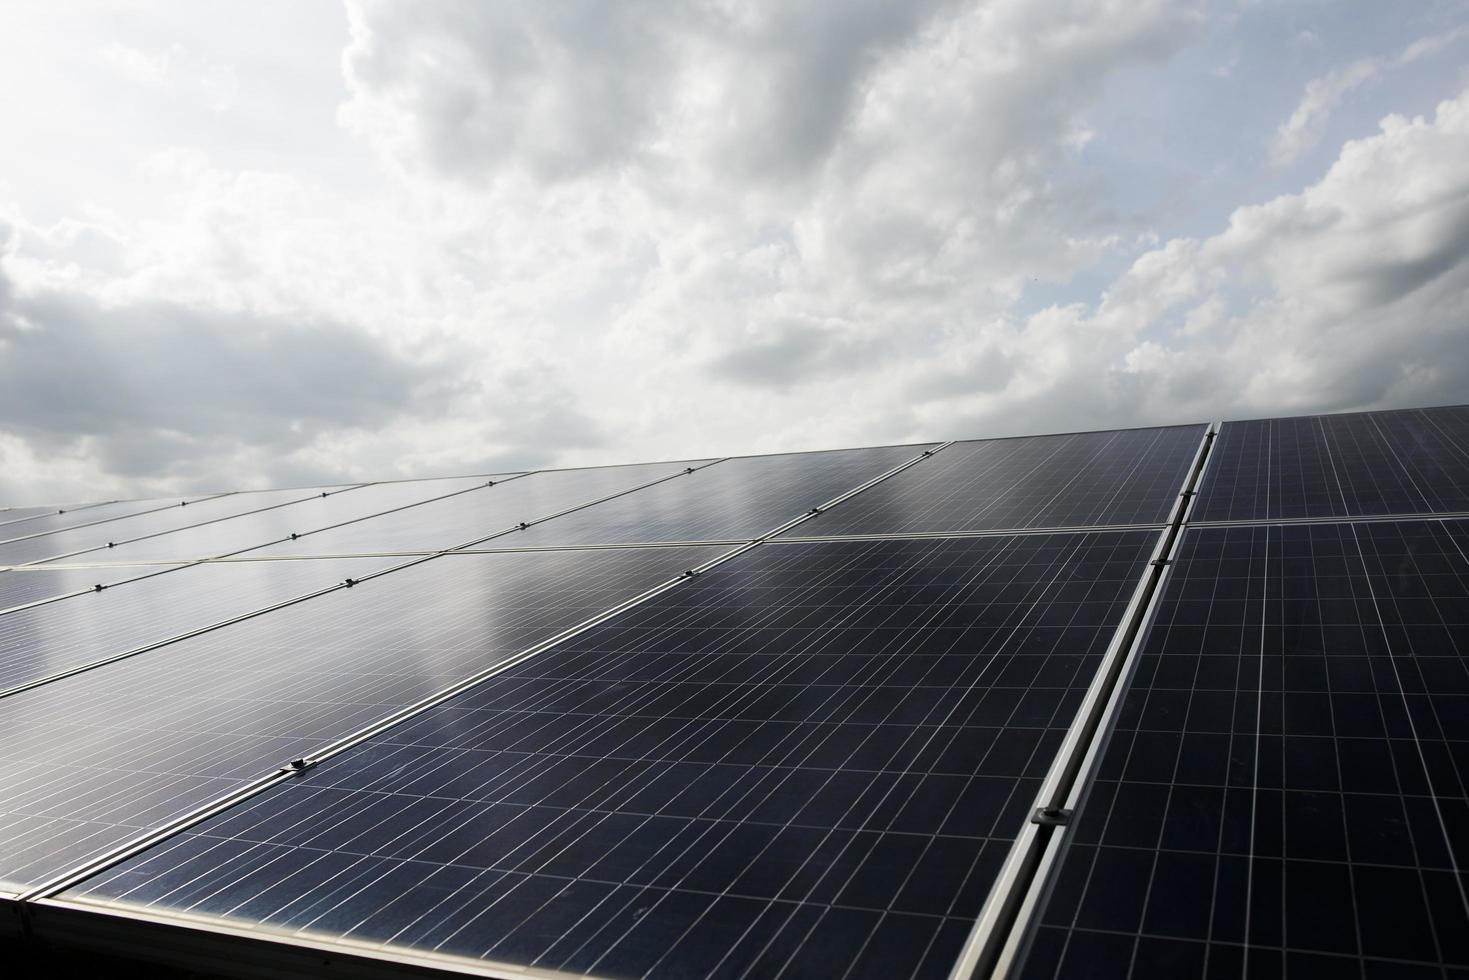 Solarzellenpark Kraftwerk foto